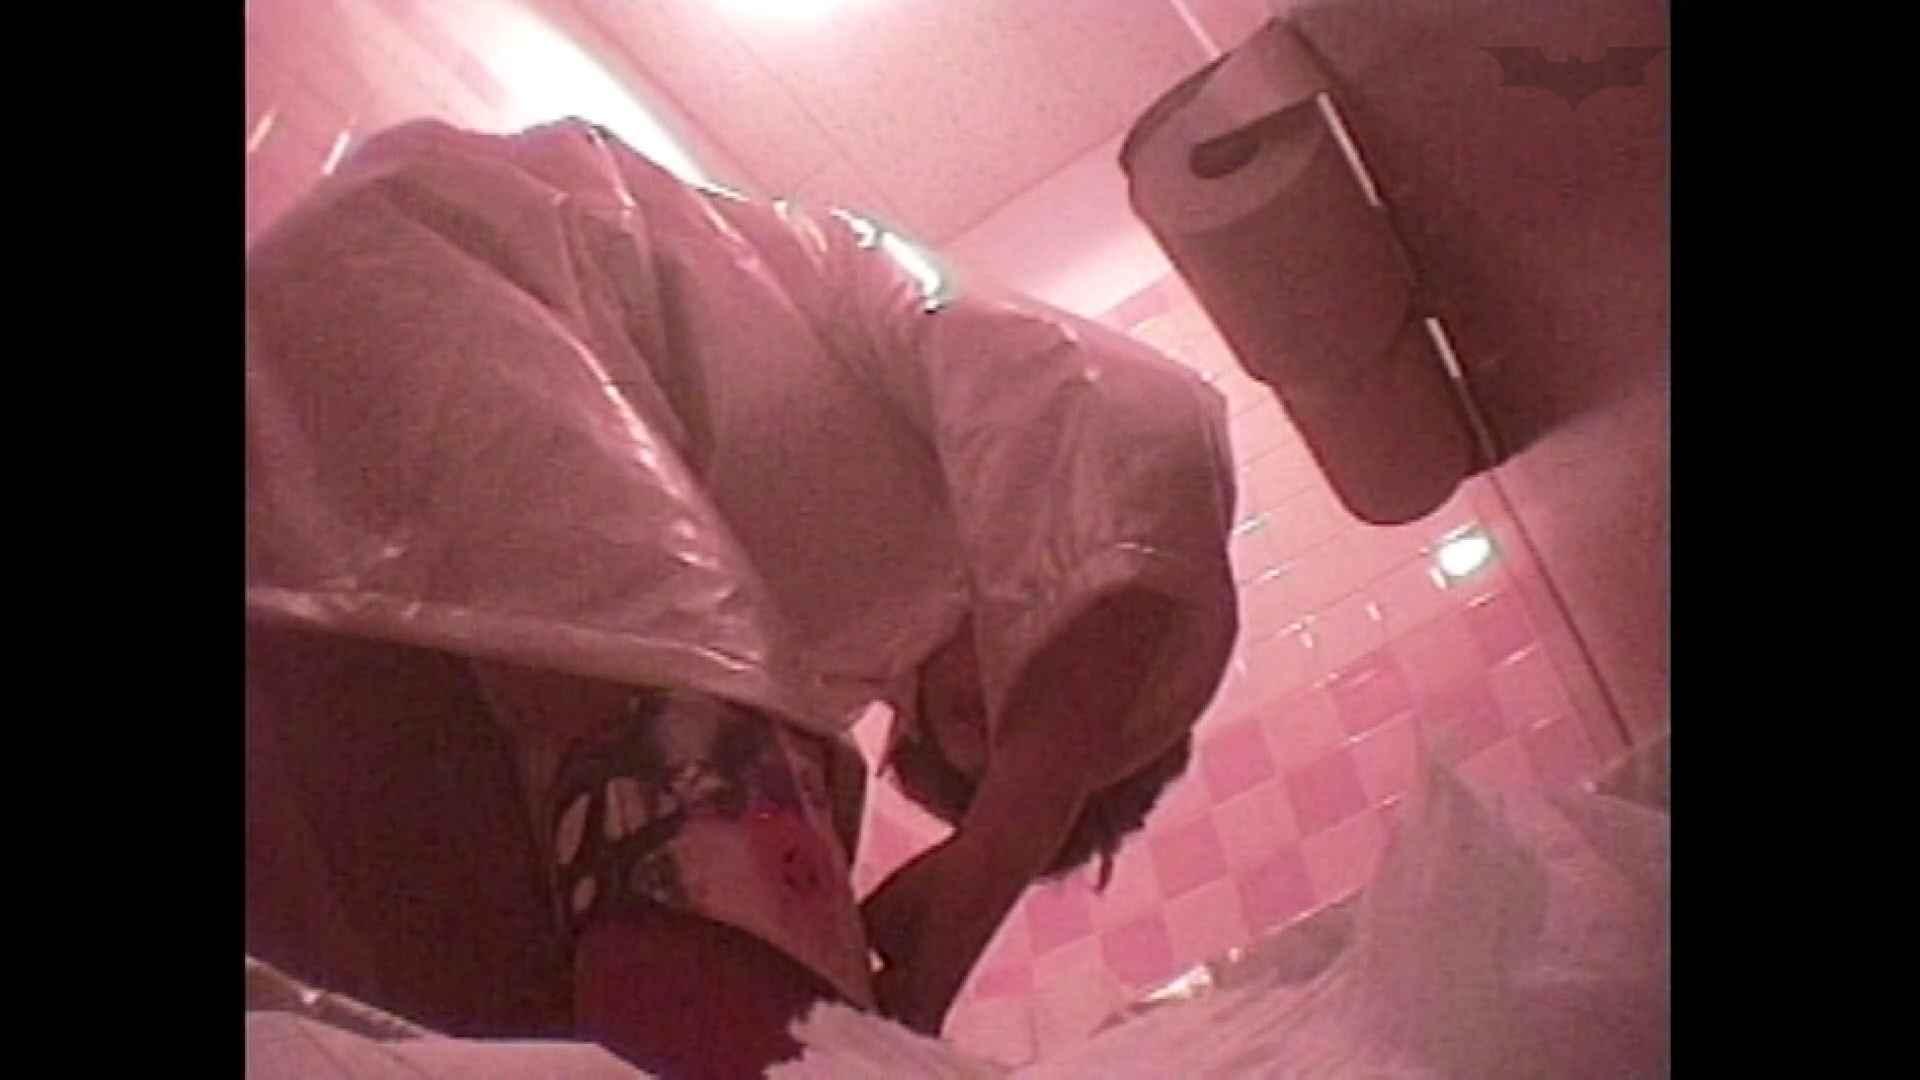 レース場での秘め事 Vol.03 洗面所のぞき セックス無修正動画無料 101枚 95